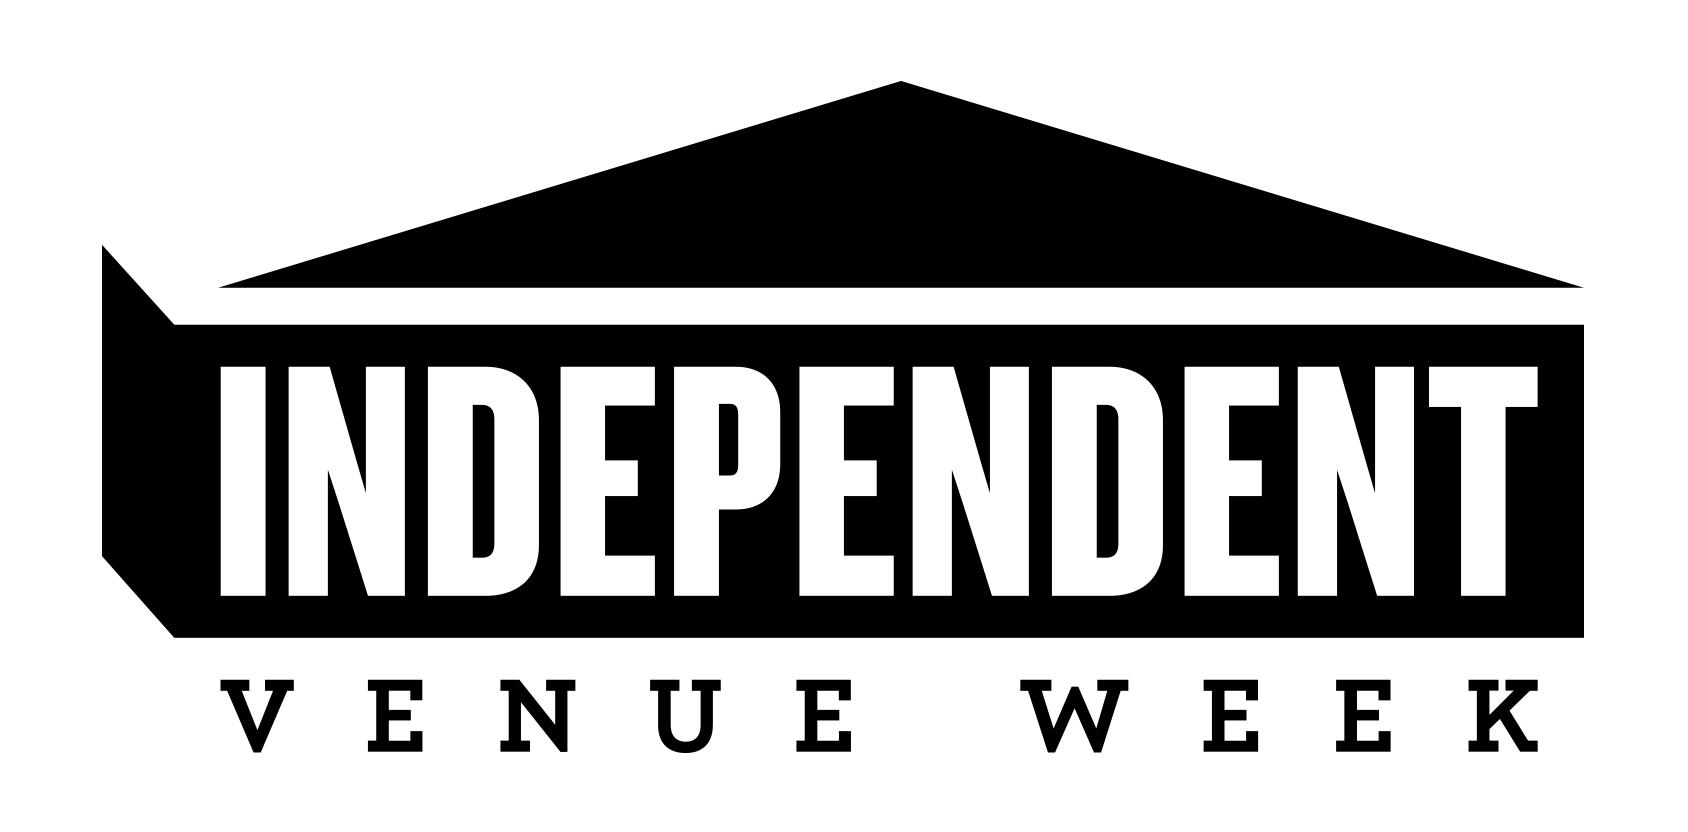 Independent Venue Week!